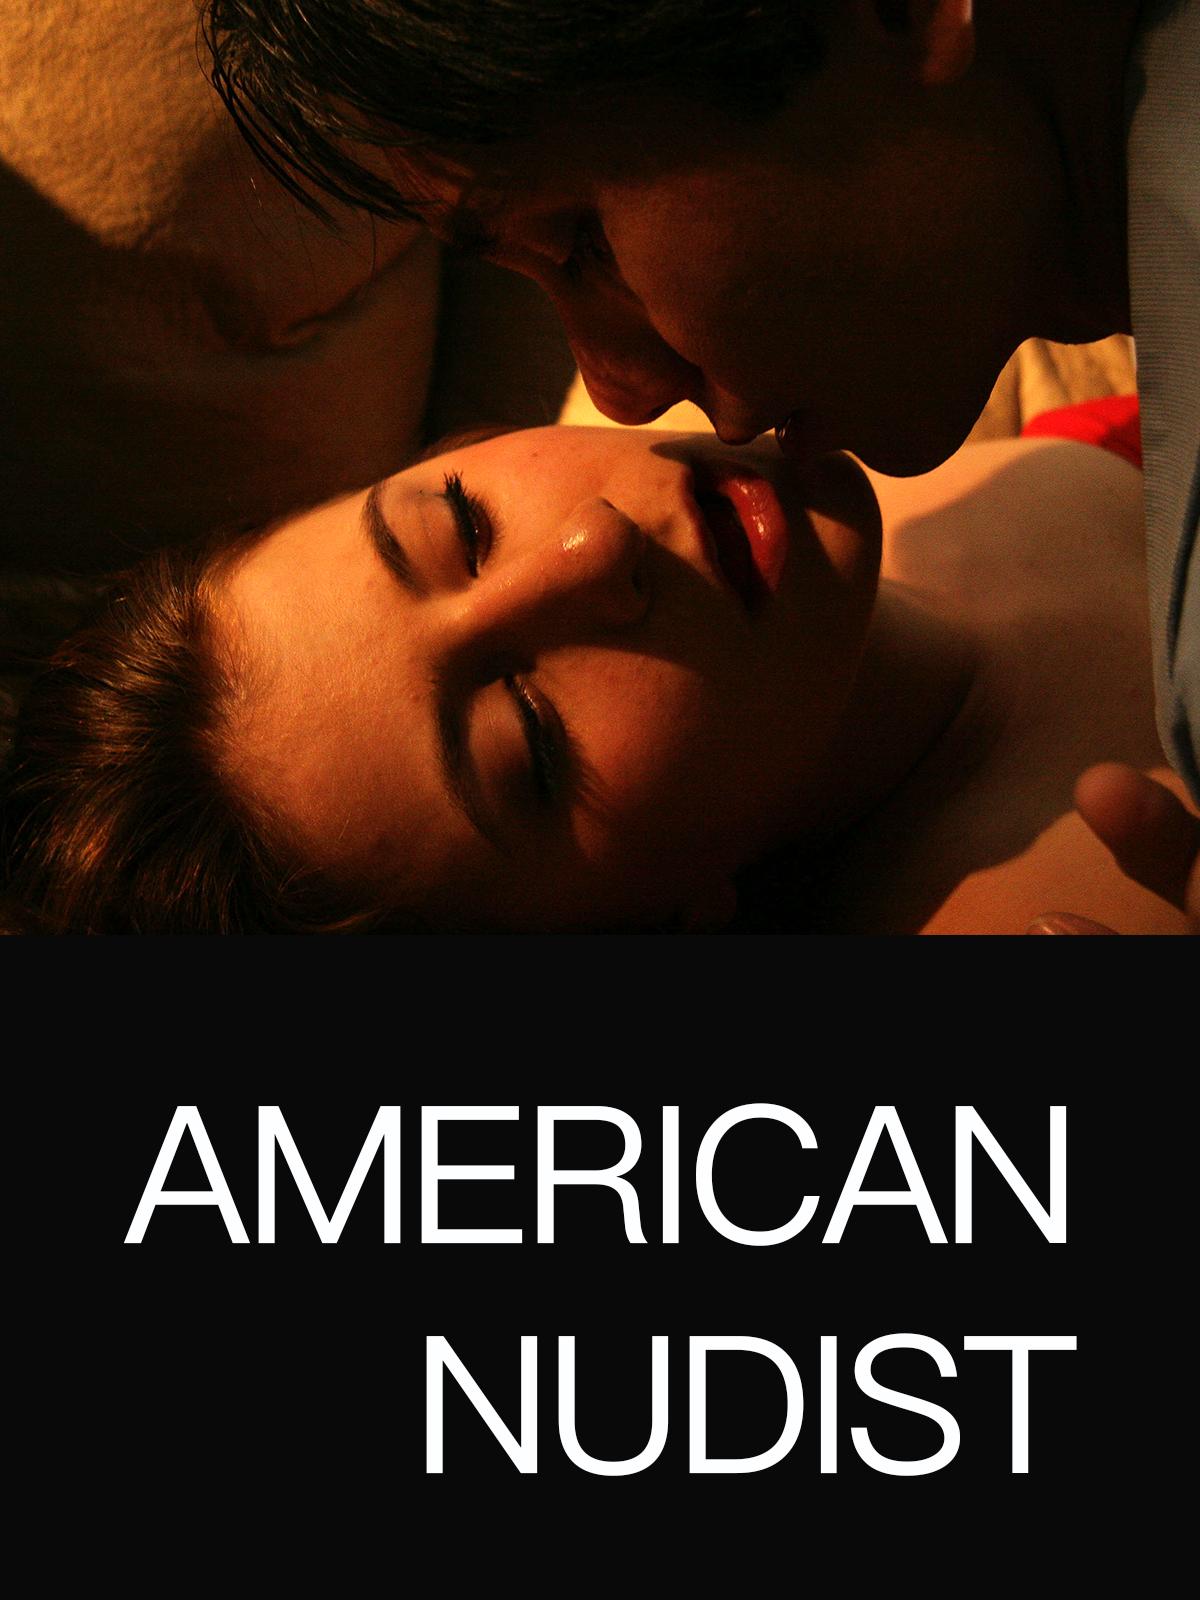 Family movies nudist Human penis